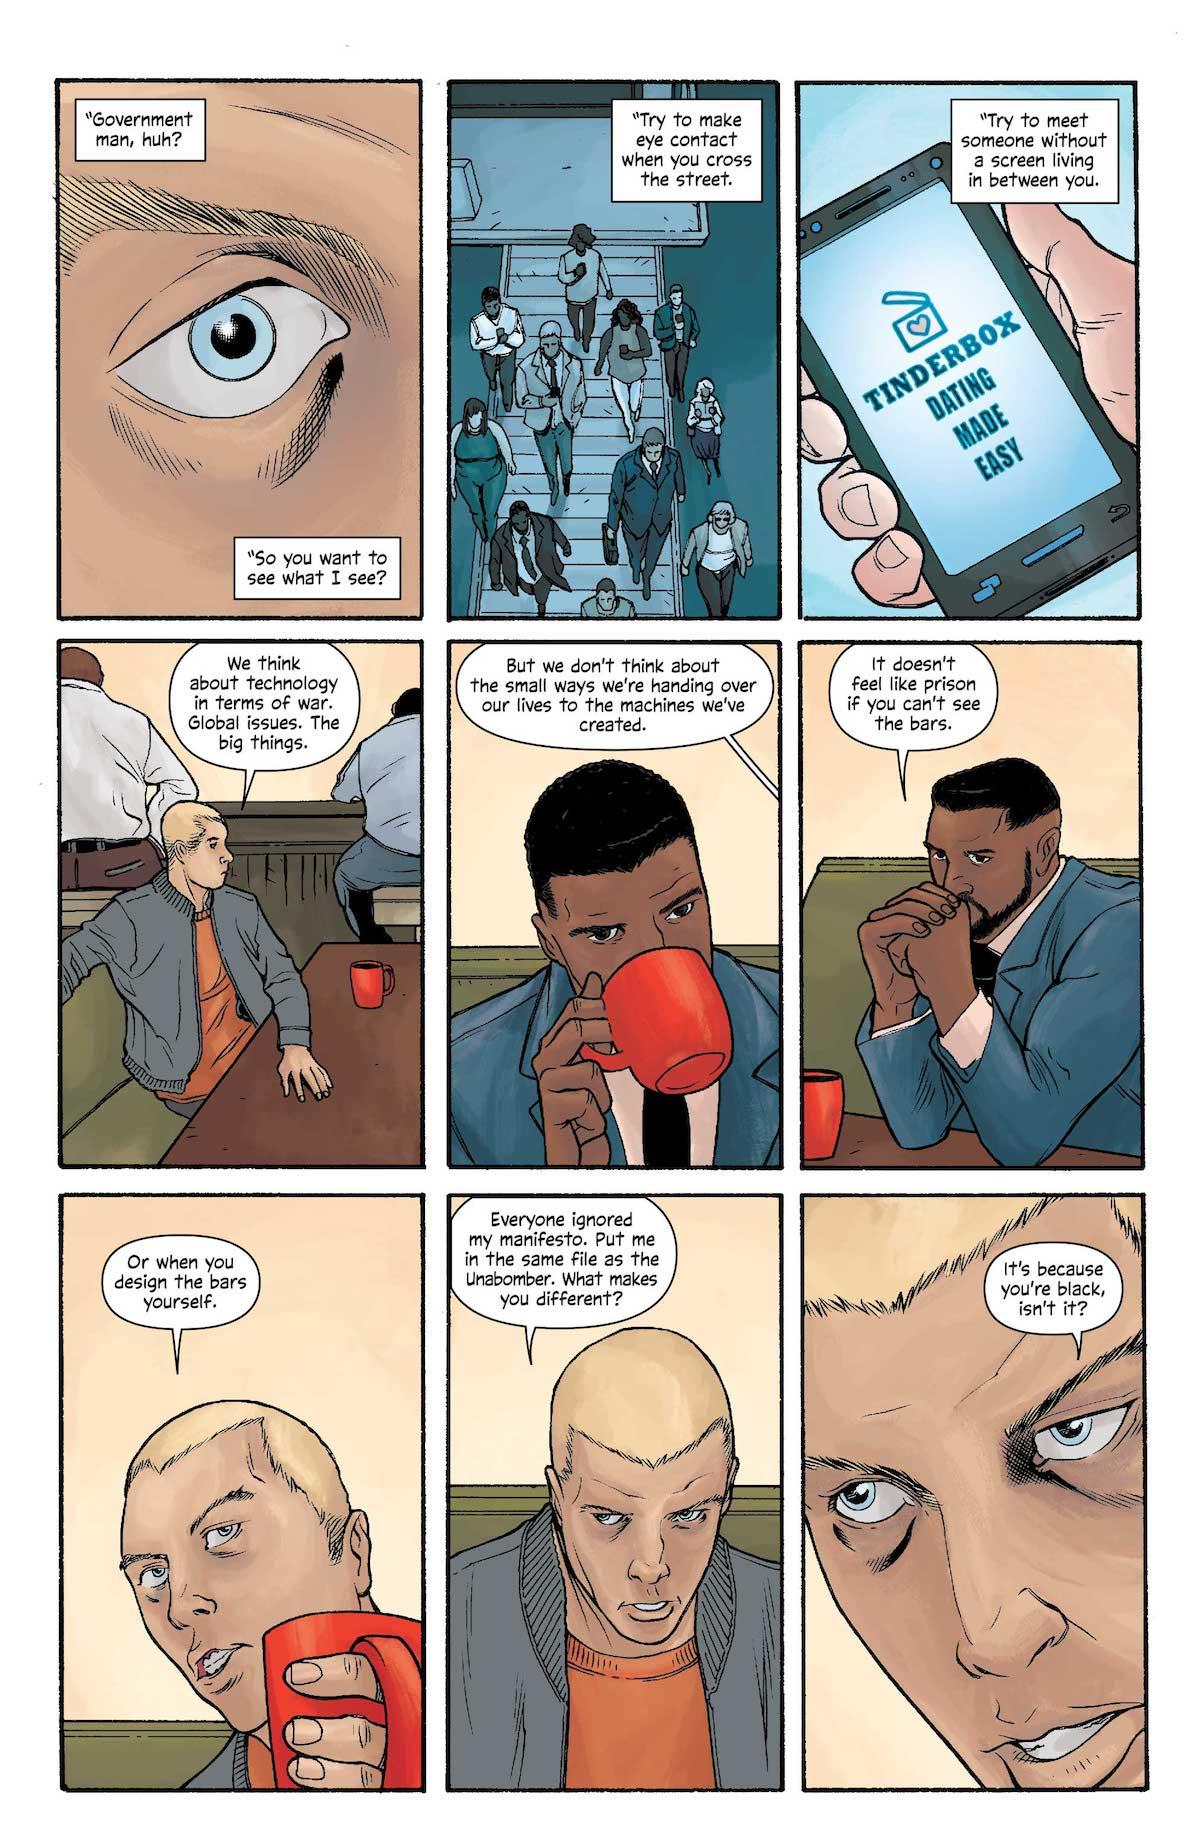 Michael Cray #4, Barry Allen